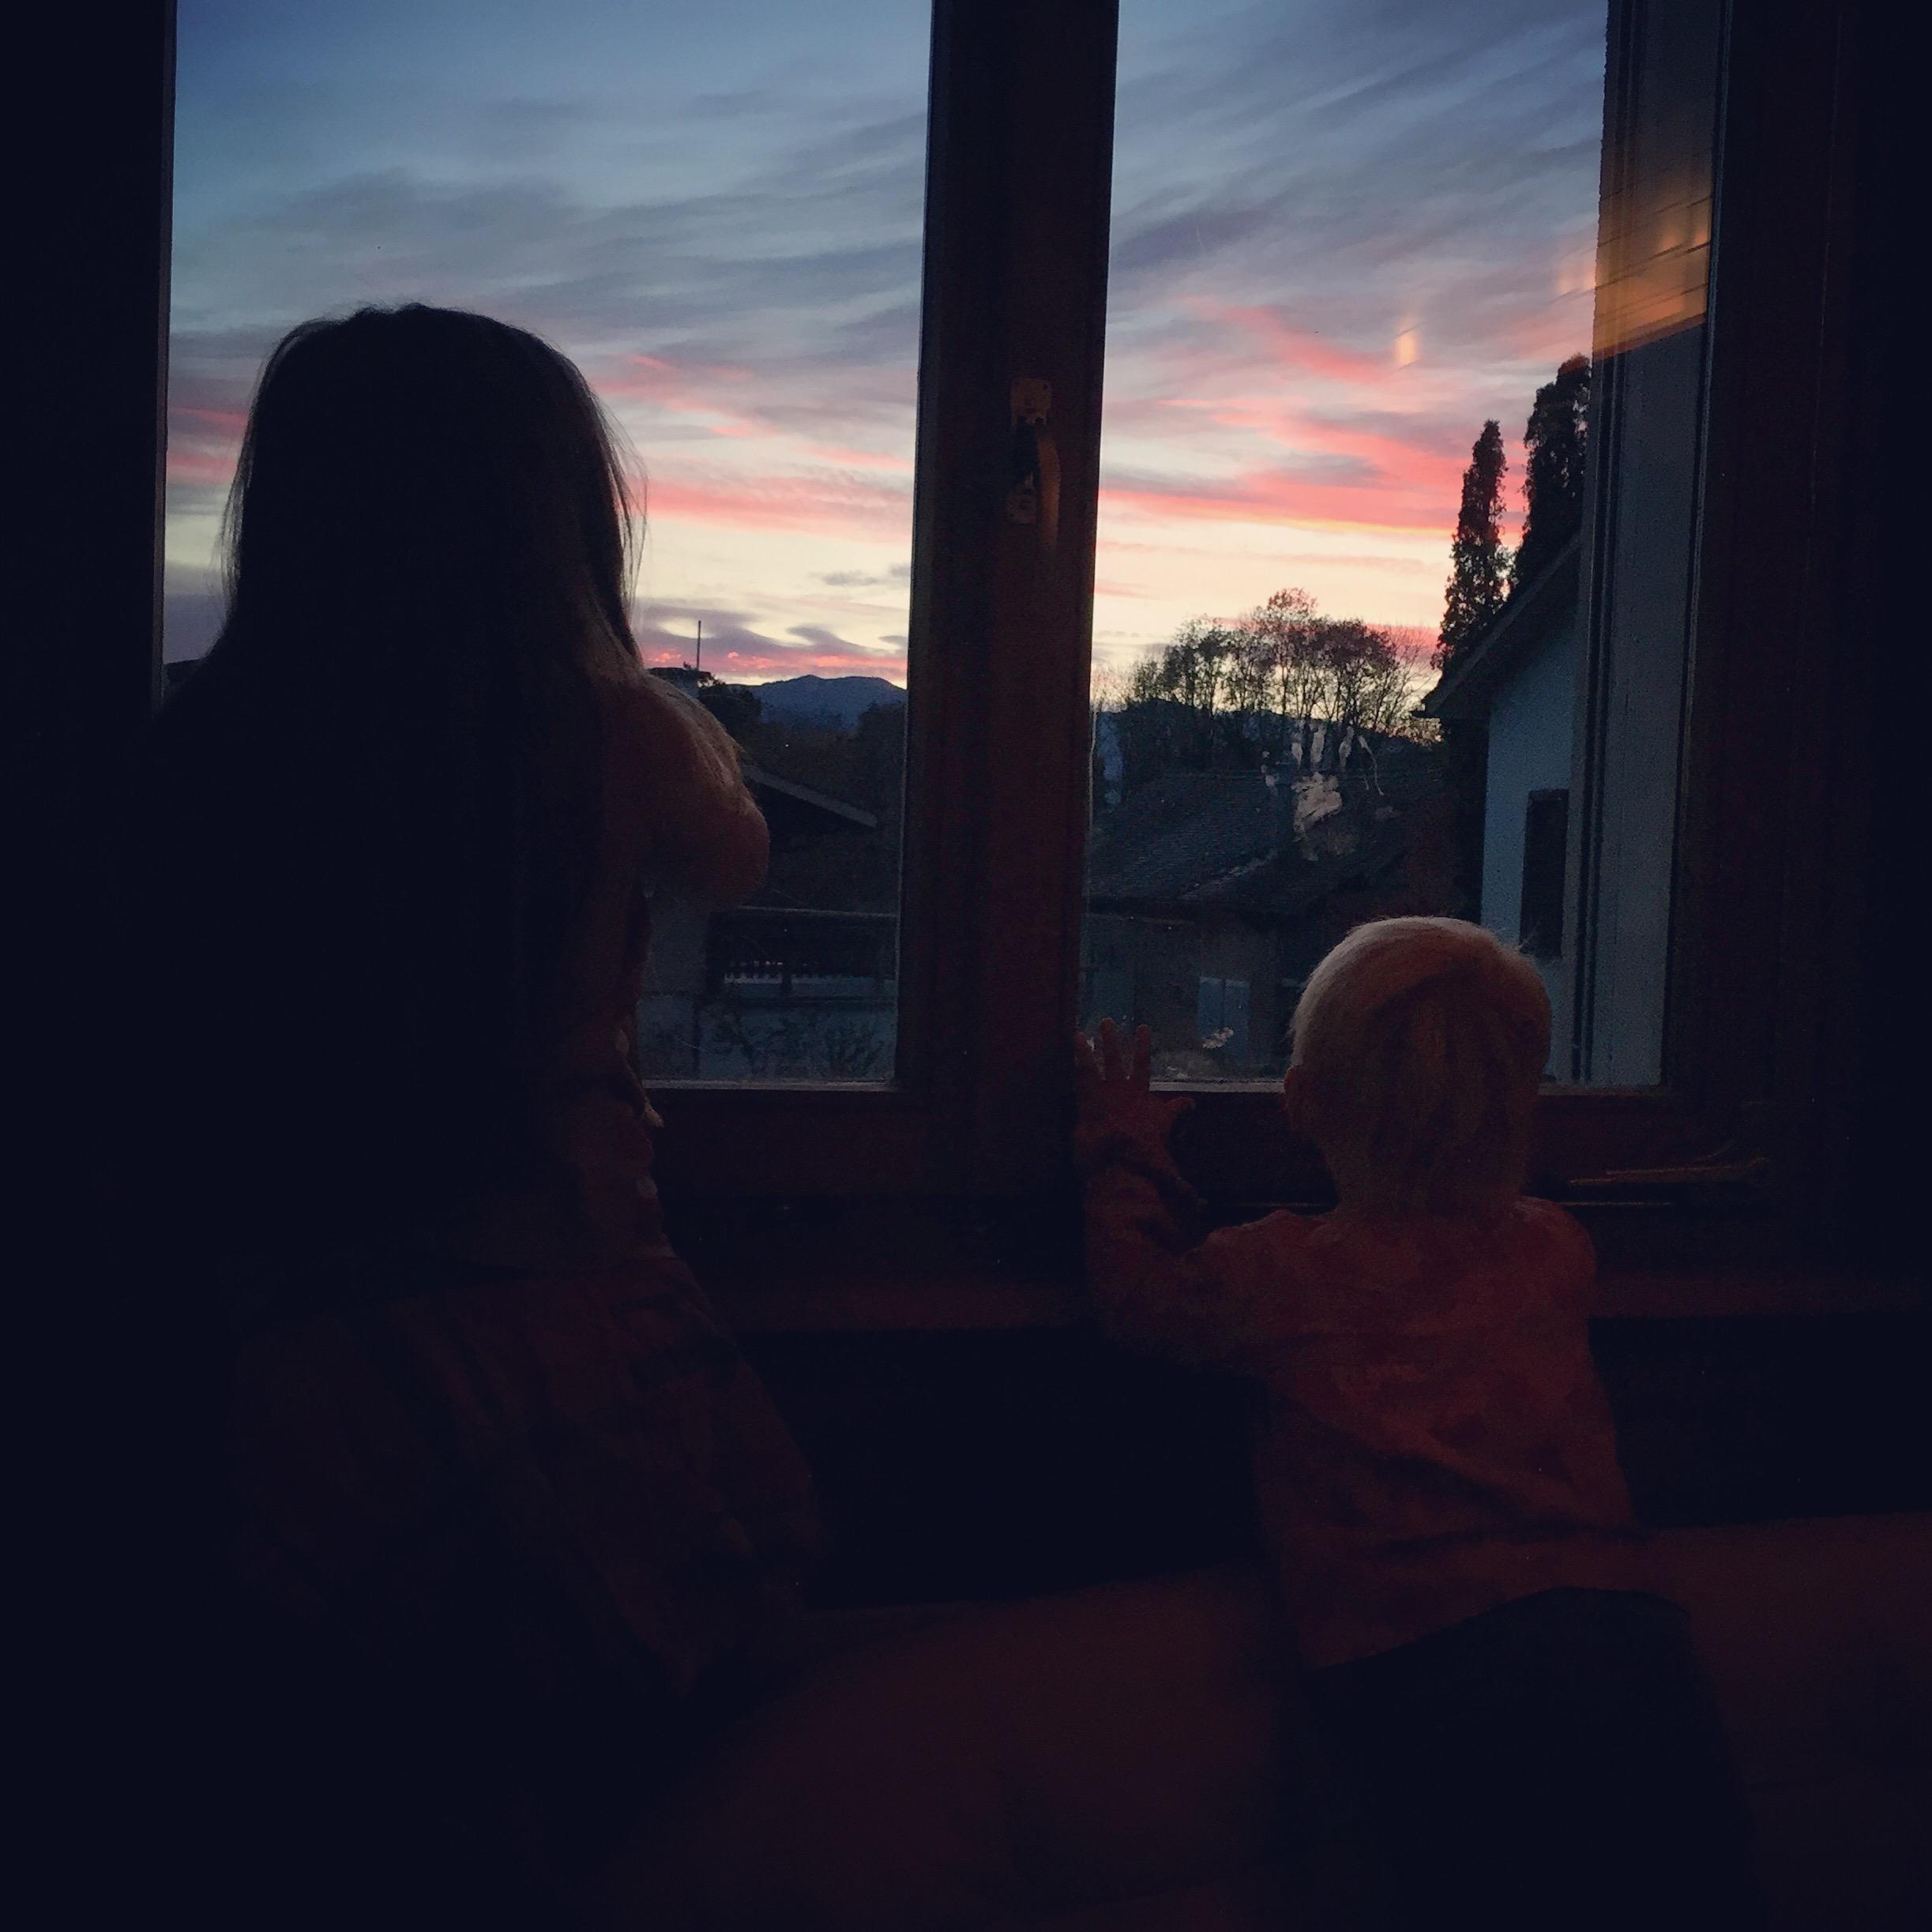 Op zondagochtend raken de betoverd (voor 5 minuten) door de zonsopkomst. Roze is altijd goed natuurlijk.